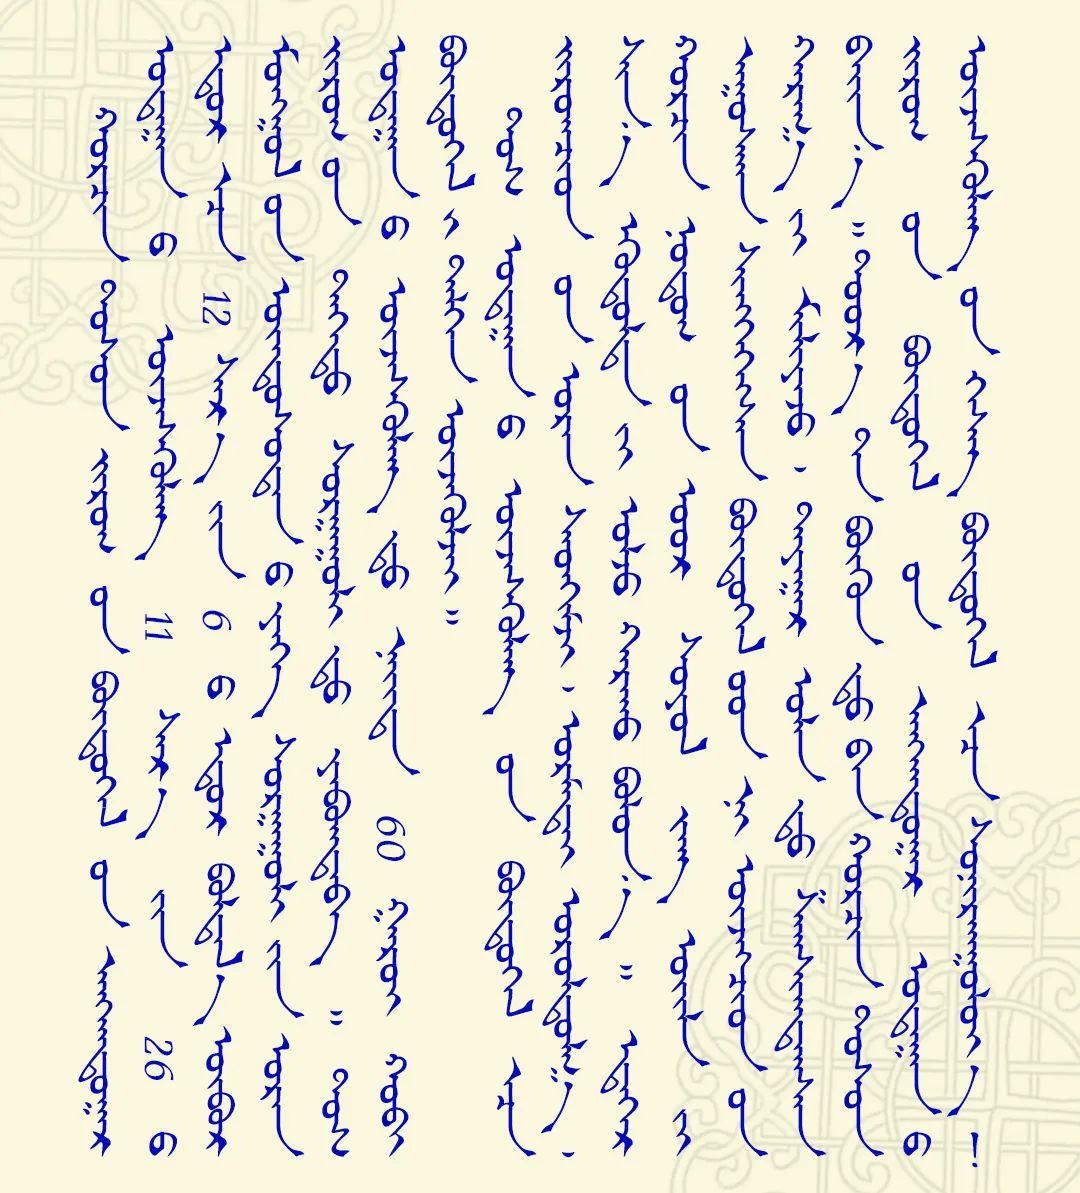 家乡美 | 科尔沁首届油画作品展部分作品(上) 第1张 家乡美 | 科尔沁首届油画作品展部分作品(上) 蒙古画廊